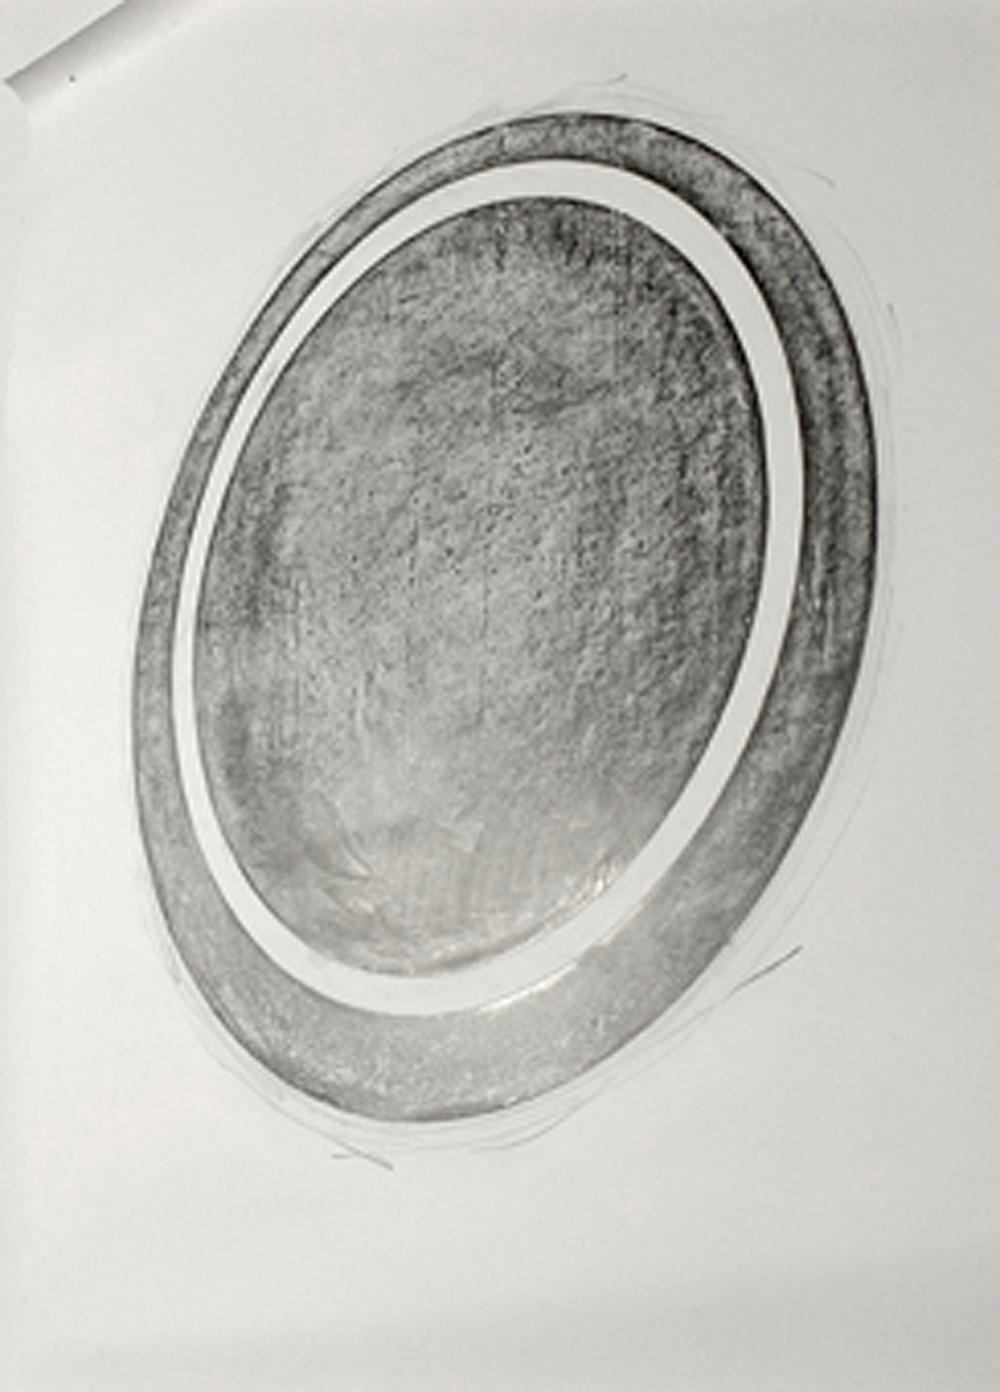 Eliseo Mattiacci, Macchia nel cielo, 2004, grafite su carta, cm 66x48